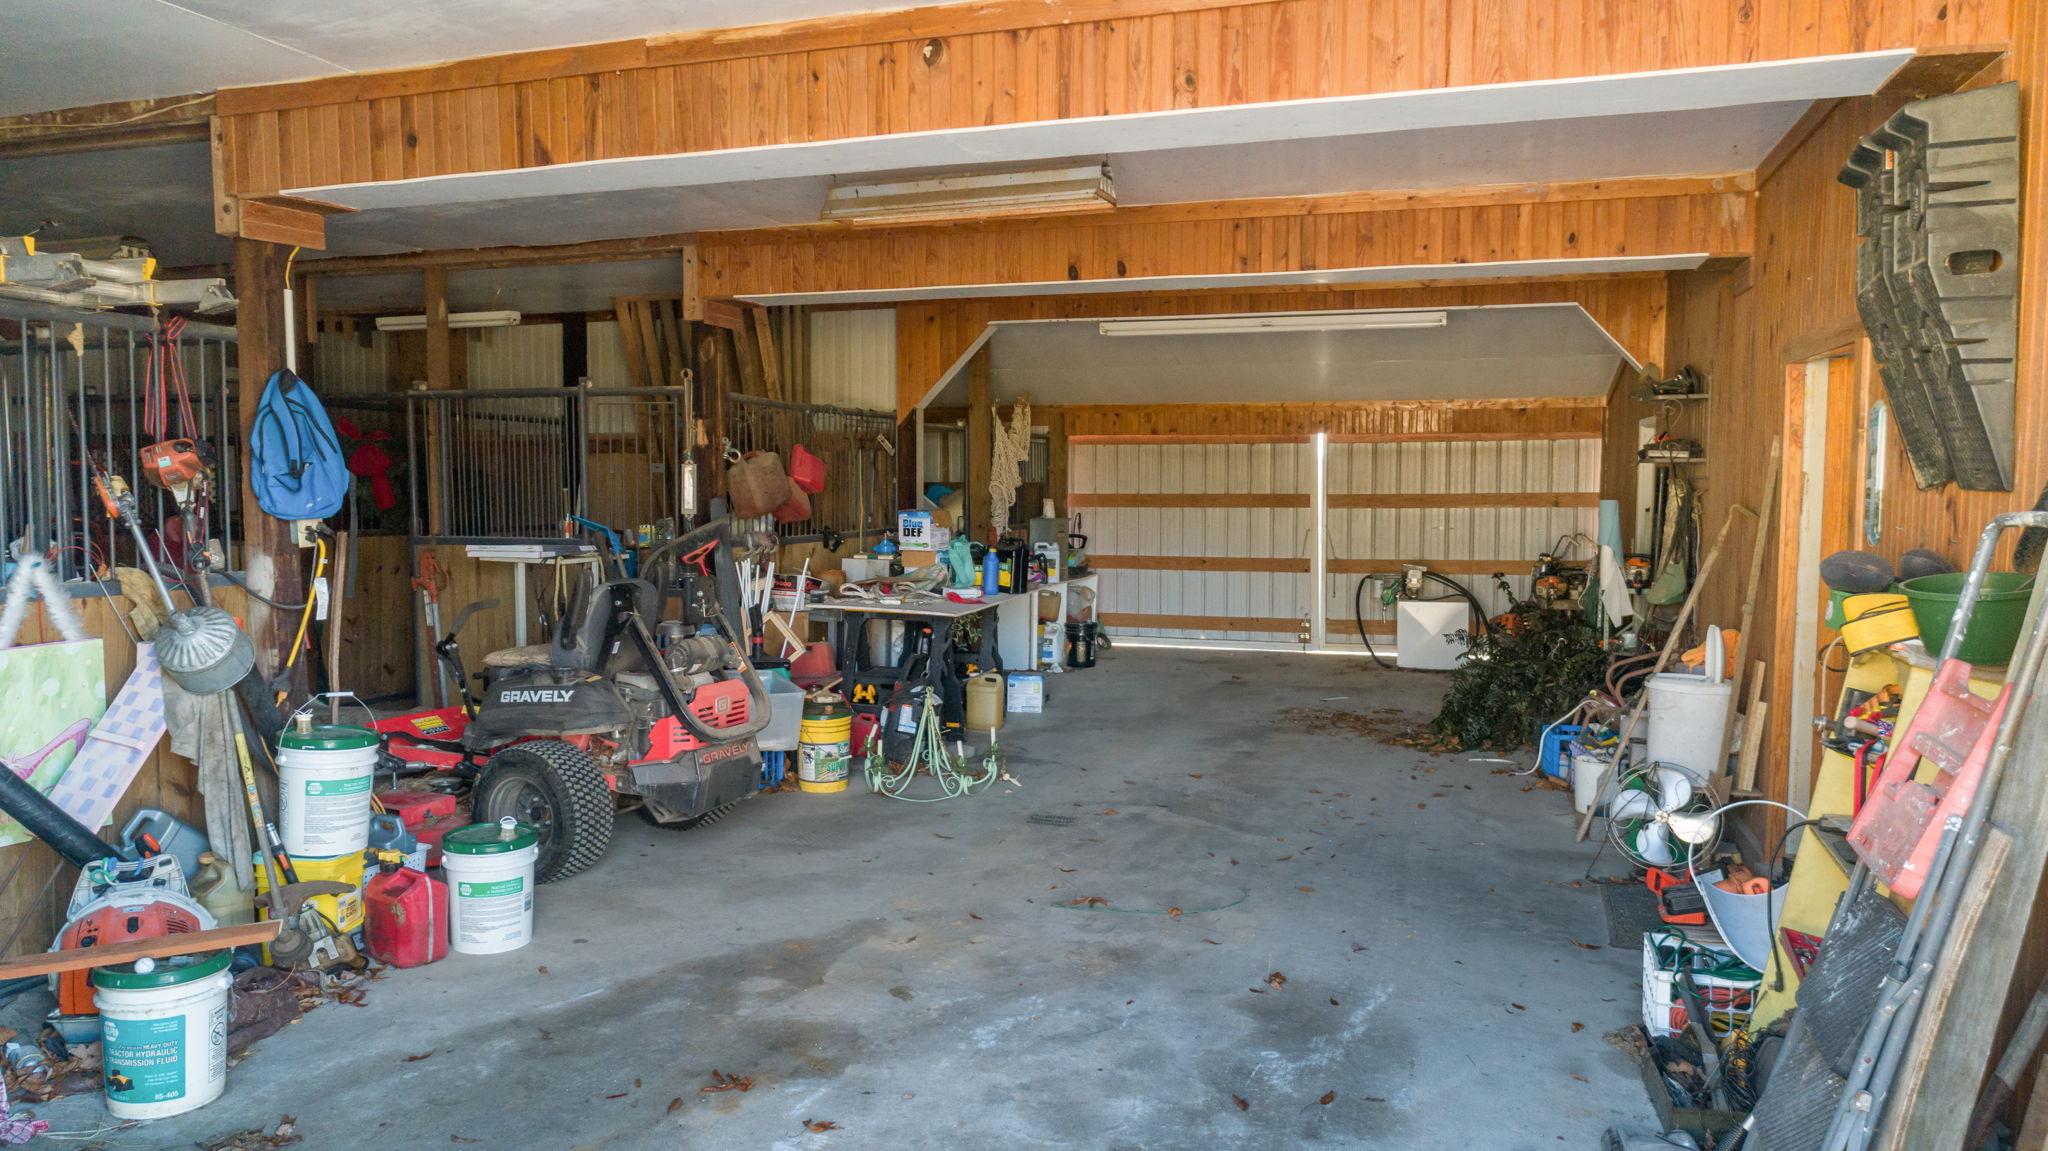 1411 TN-82 S, Shelbyville, TN 37160, US Photo 137